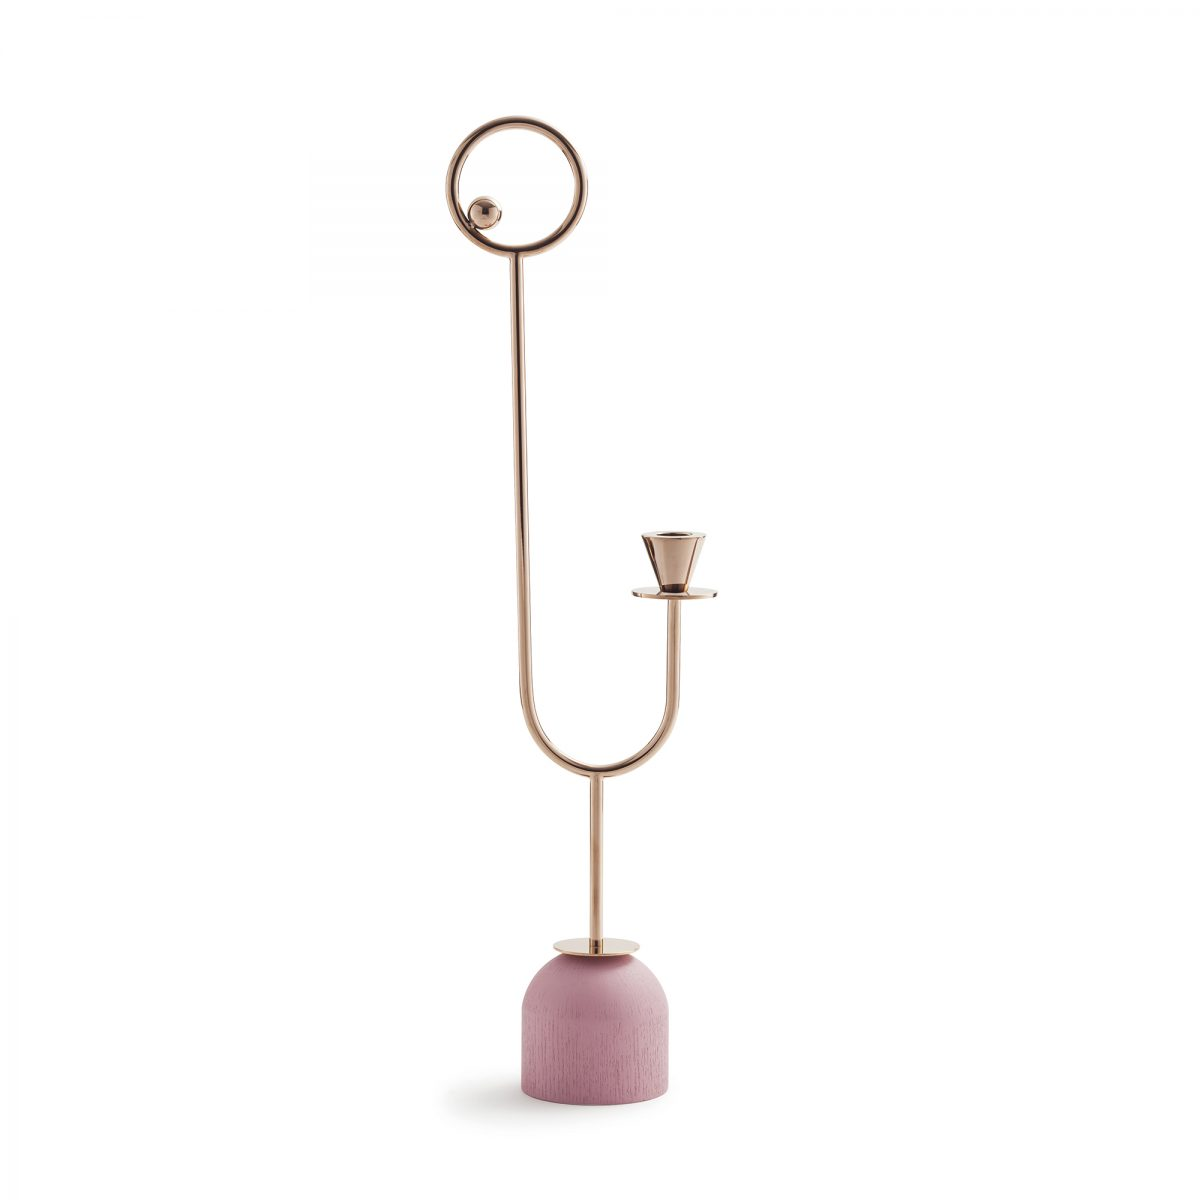 1-paris_memphis_03_accessories_candleholders_pink